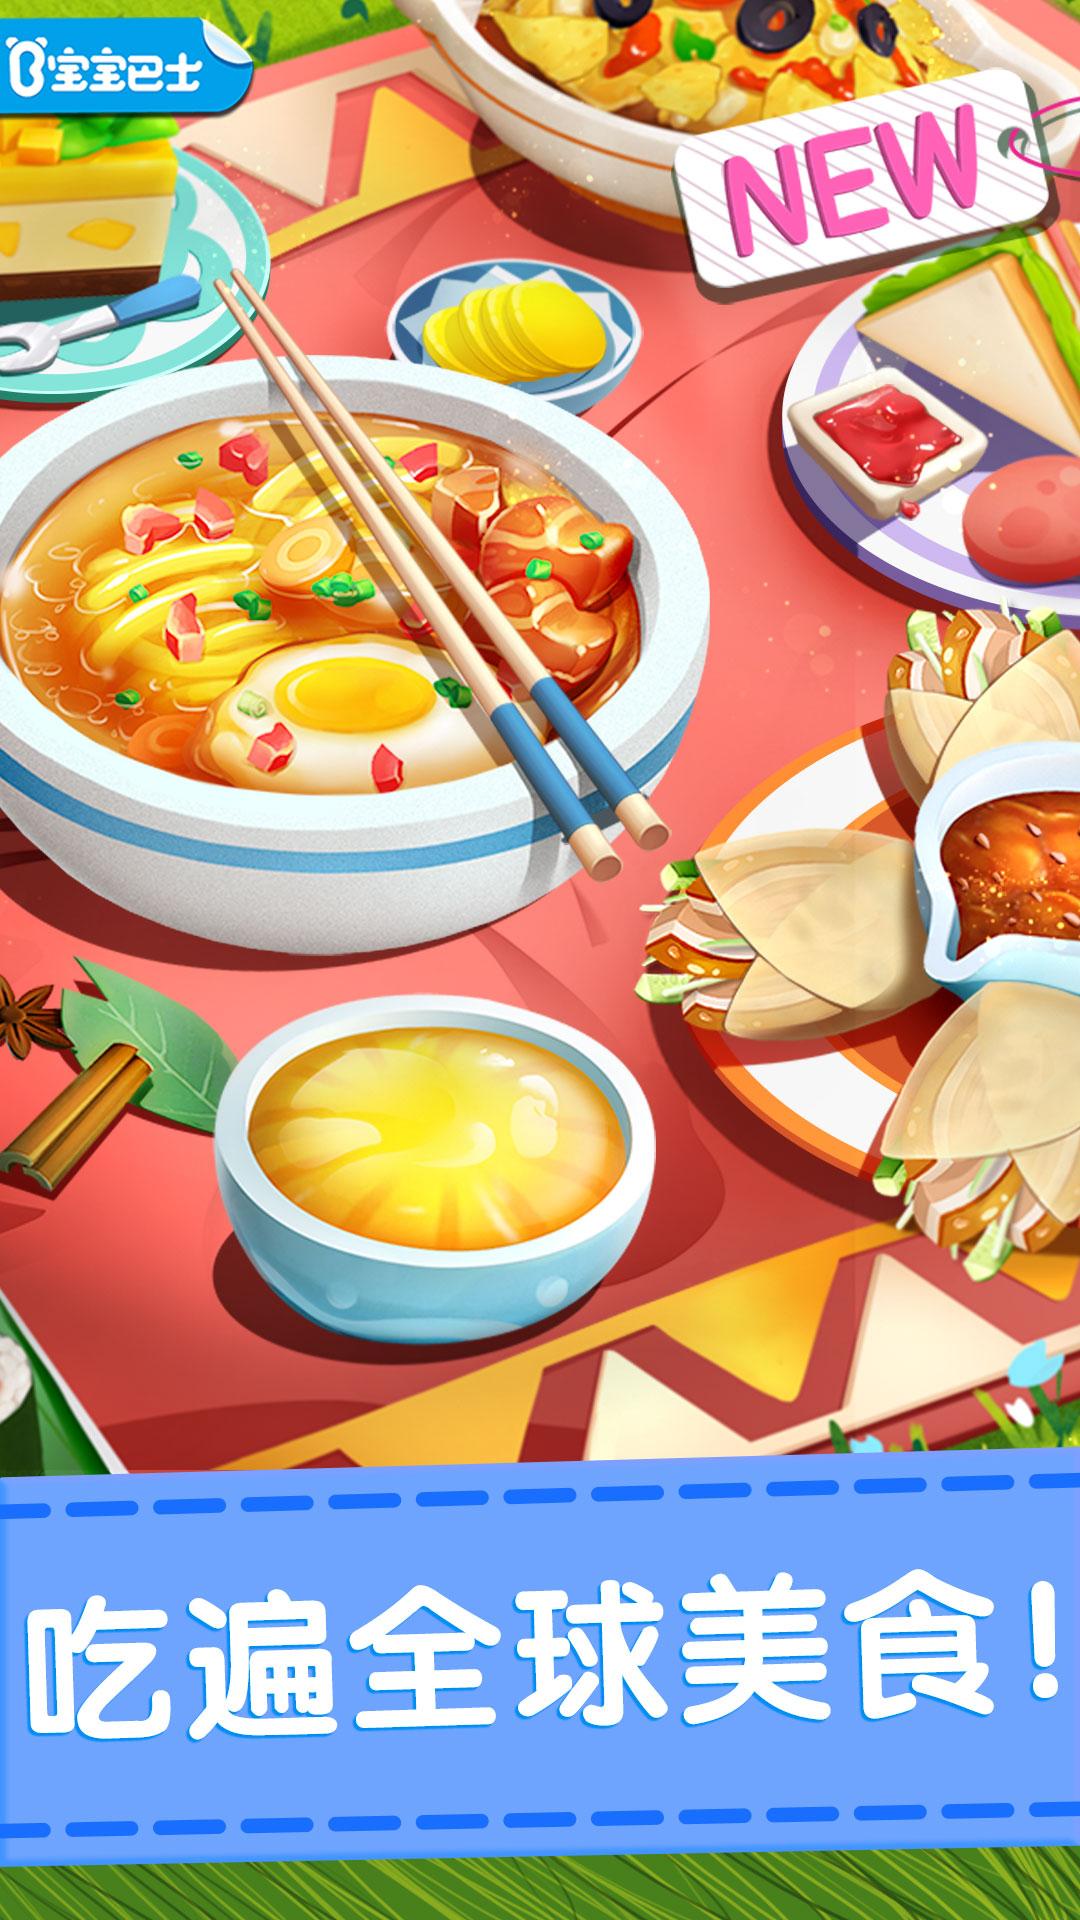 奇妙料理餐厅截图(1)